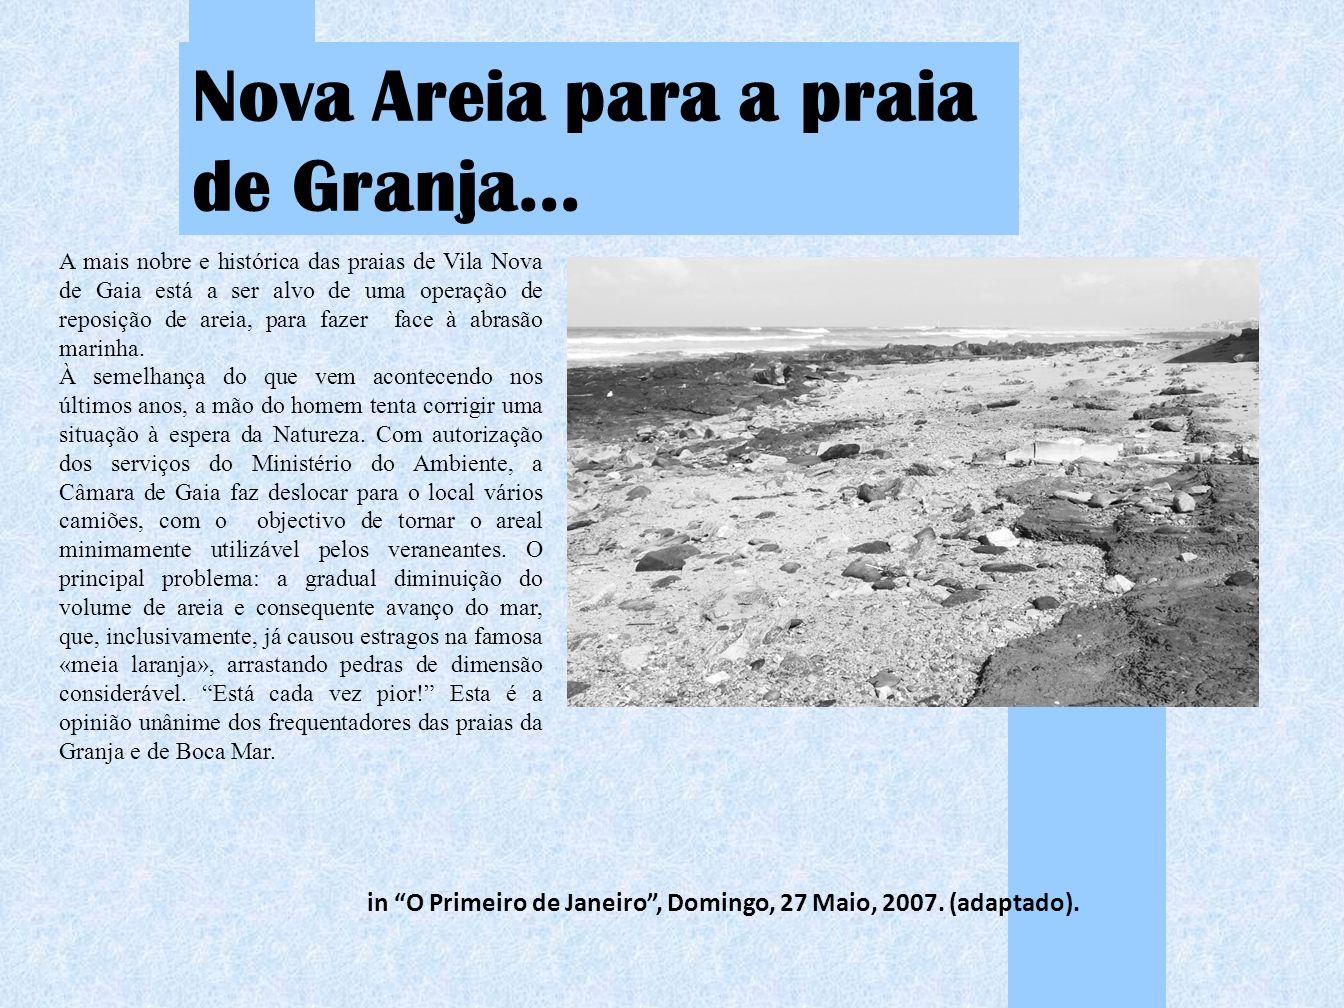 Nova Areia para a praia de Granja…